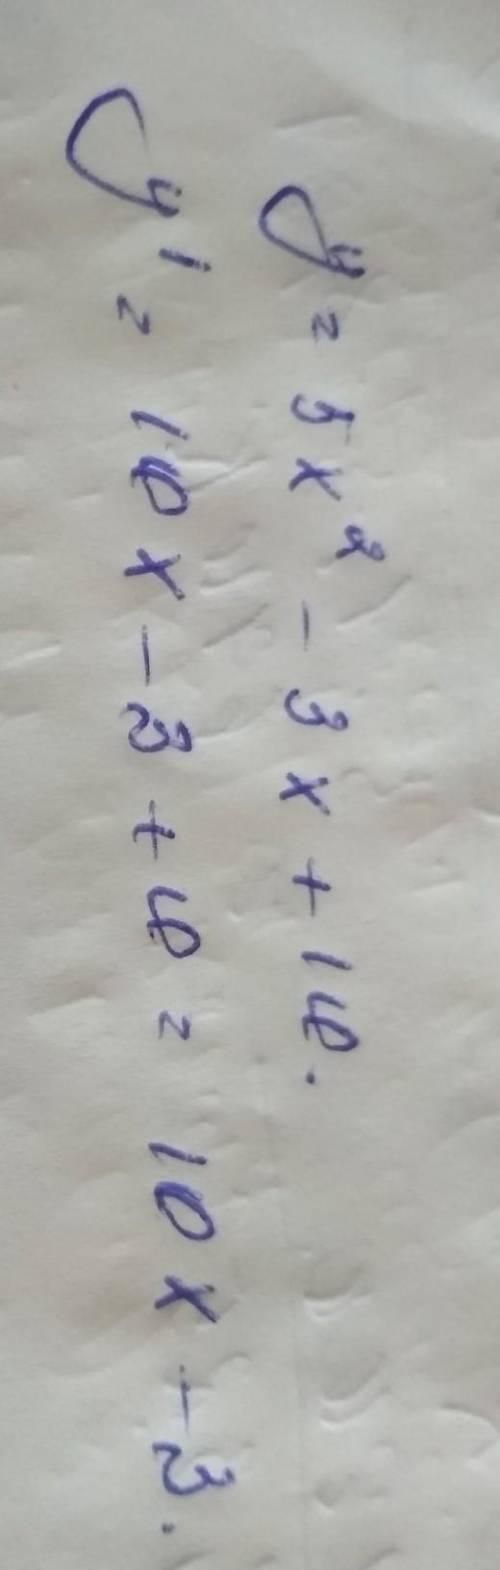 Найти производную функции y=5x^2-3x+10